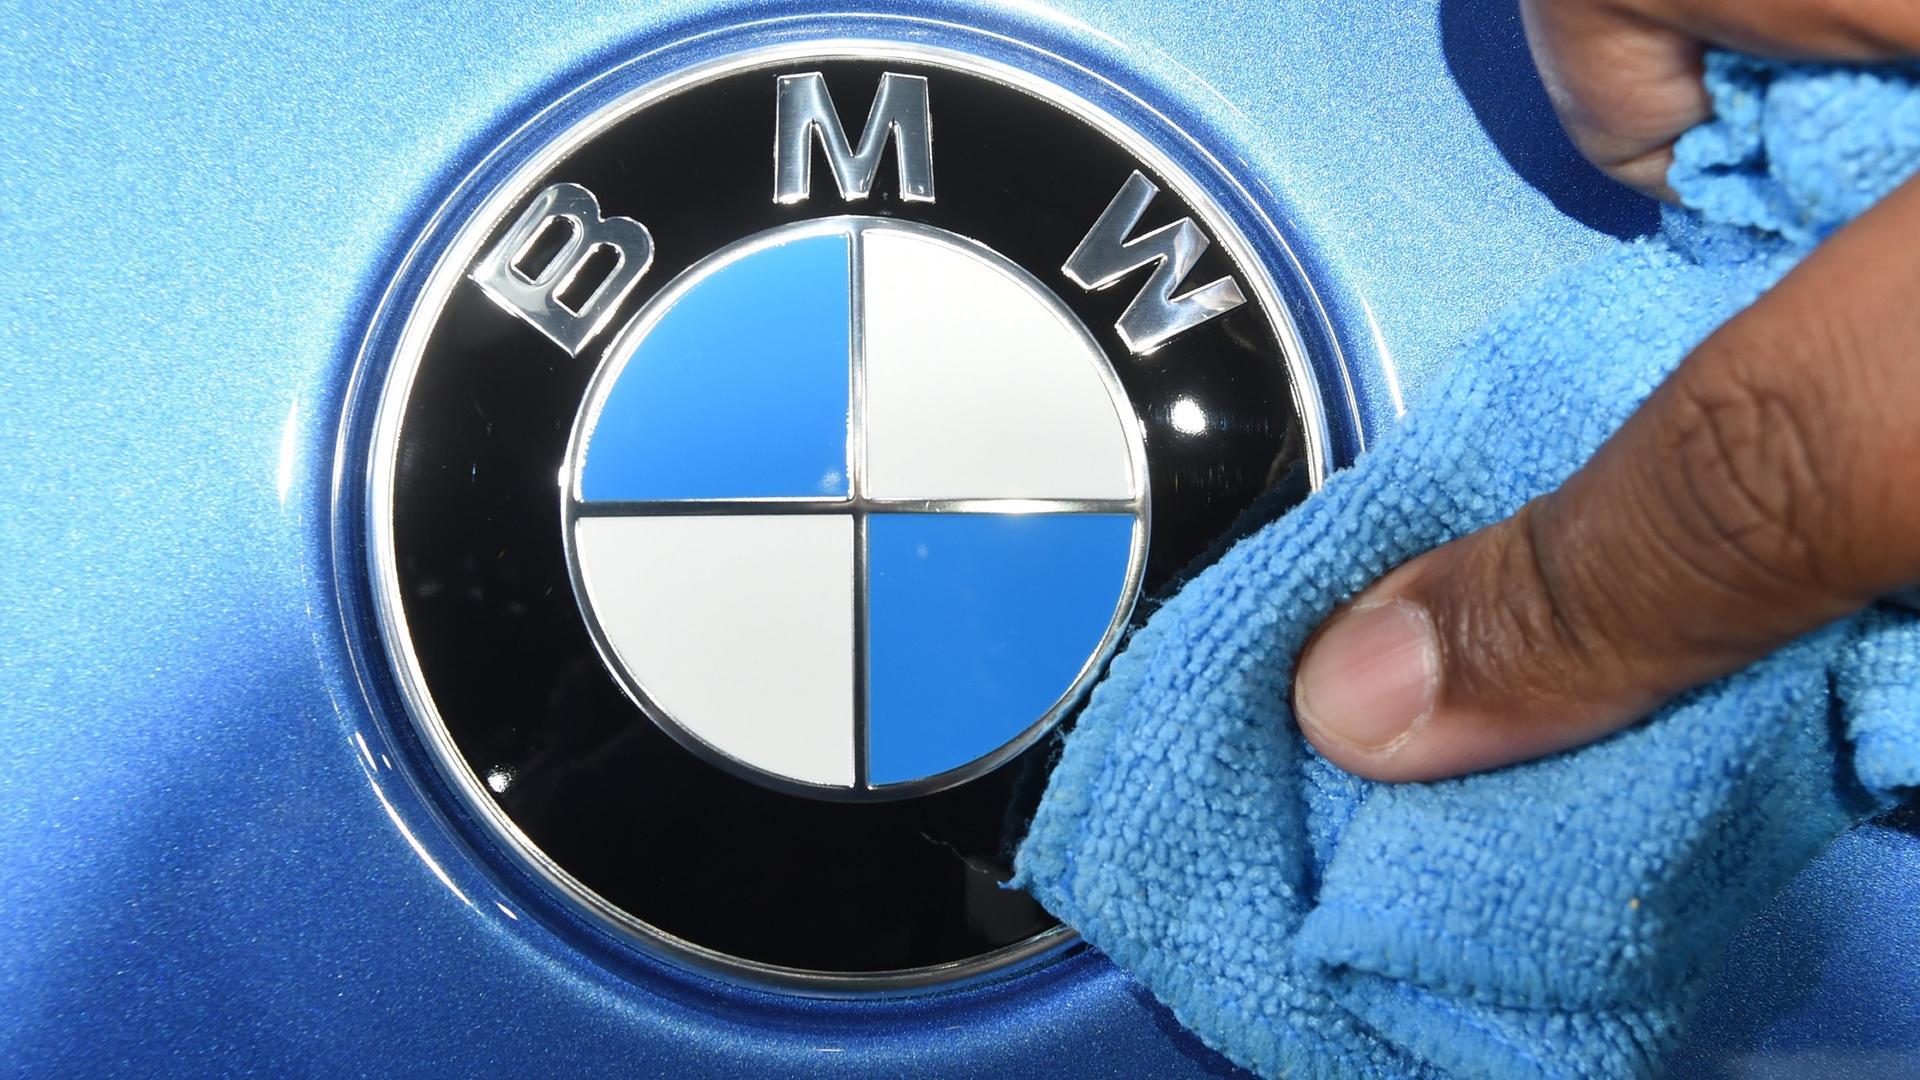 Probleme Mit Der Stromversorgung Bmw Ruft Diesel Fahrzeuge Zurück